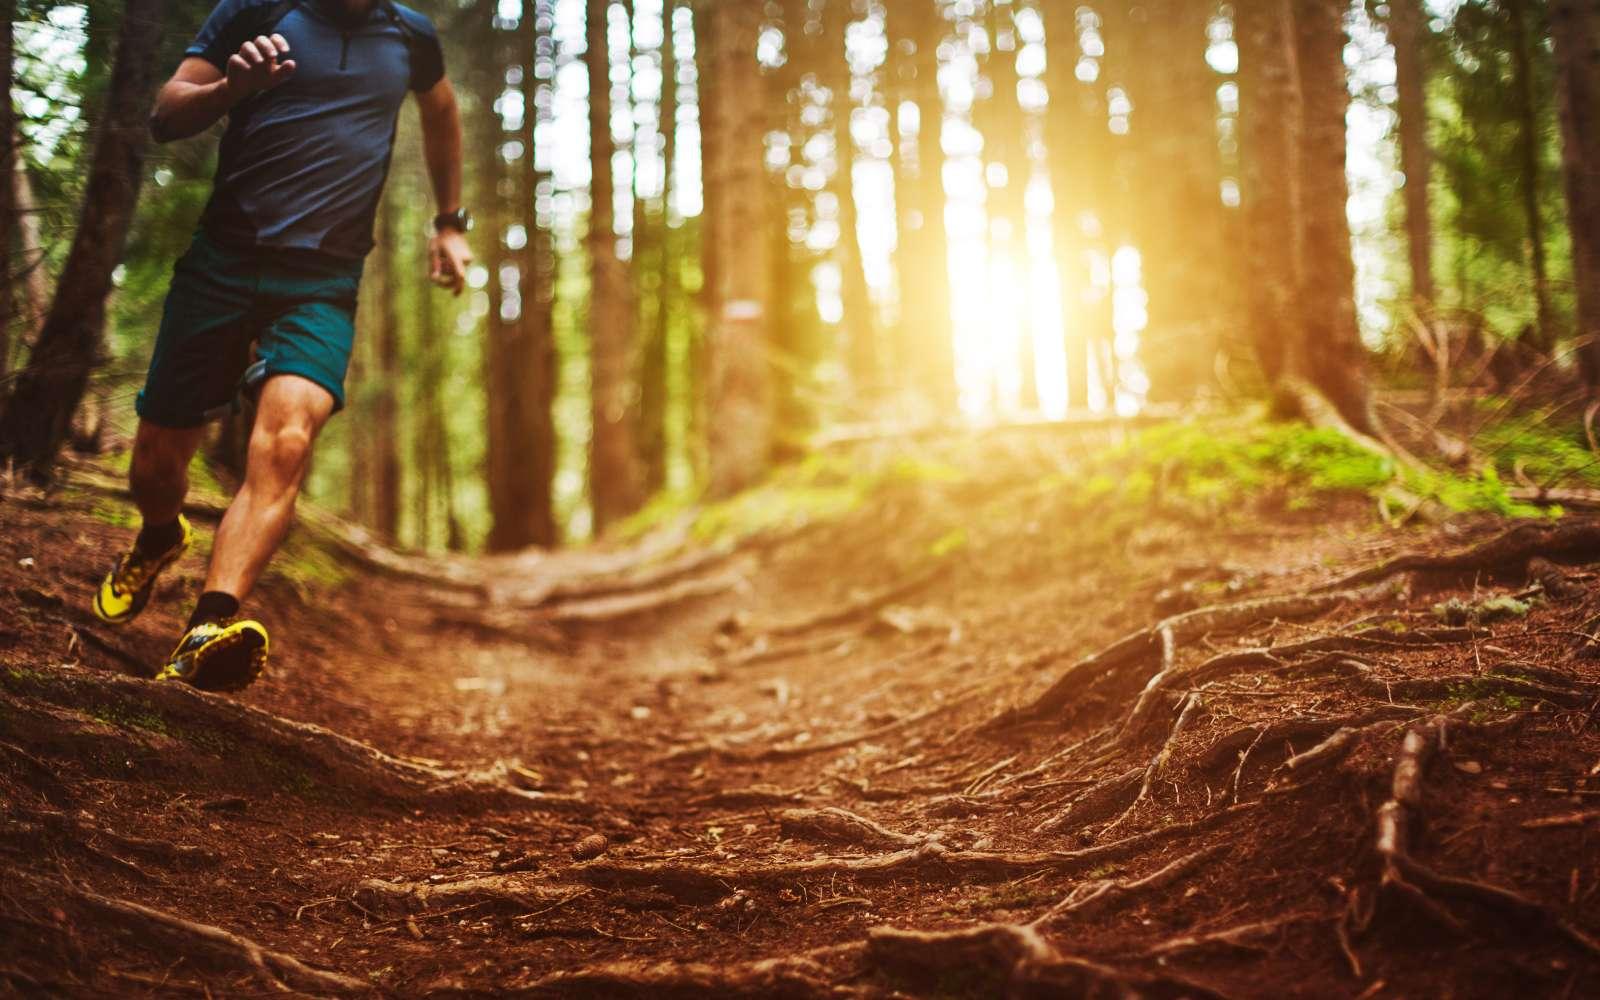 runner corre nel bosco con scarpe da trail running e abbigliamento tecnico